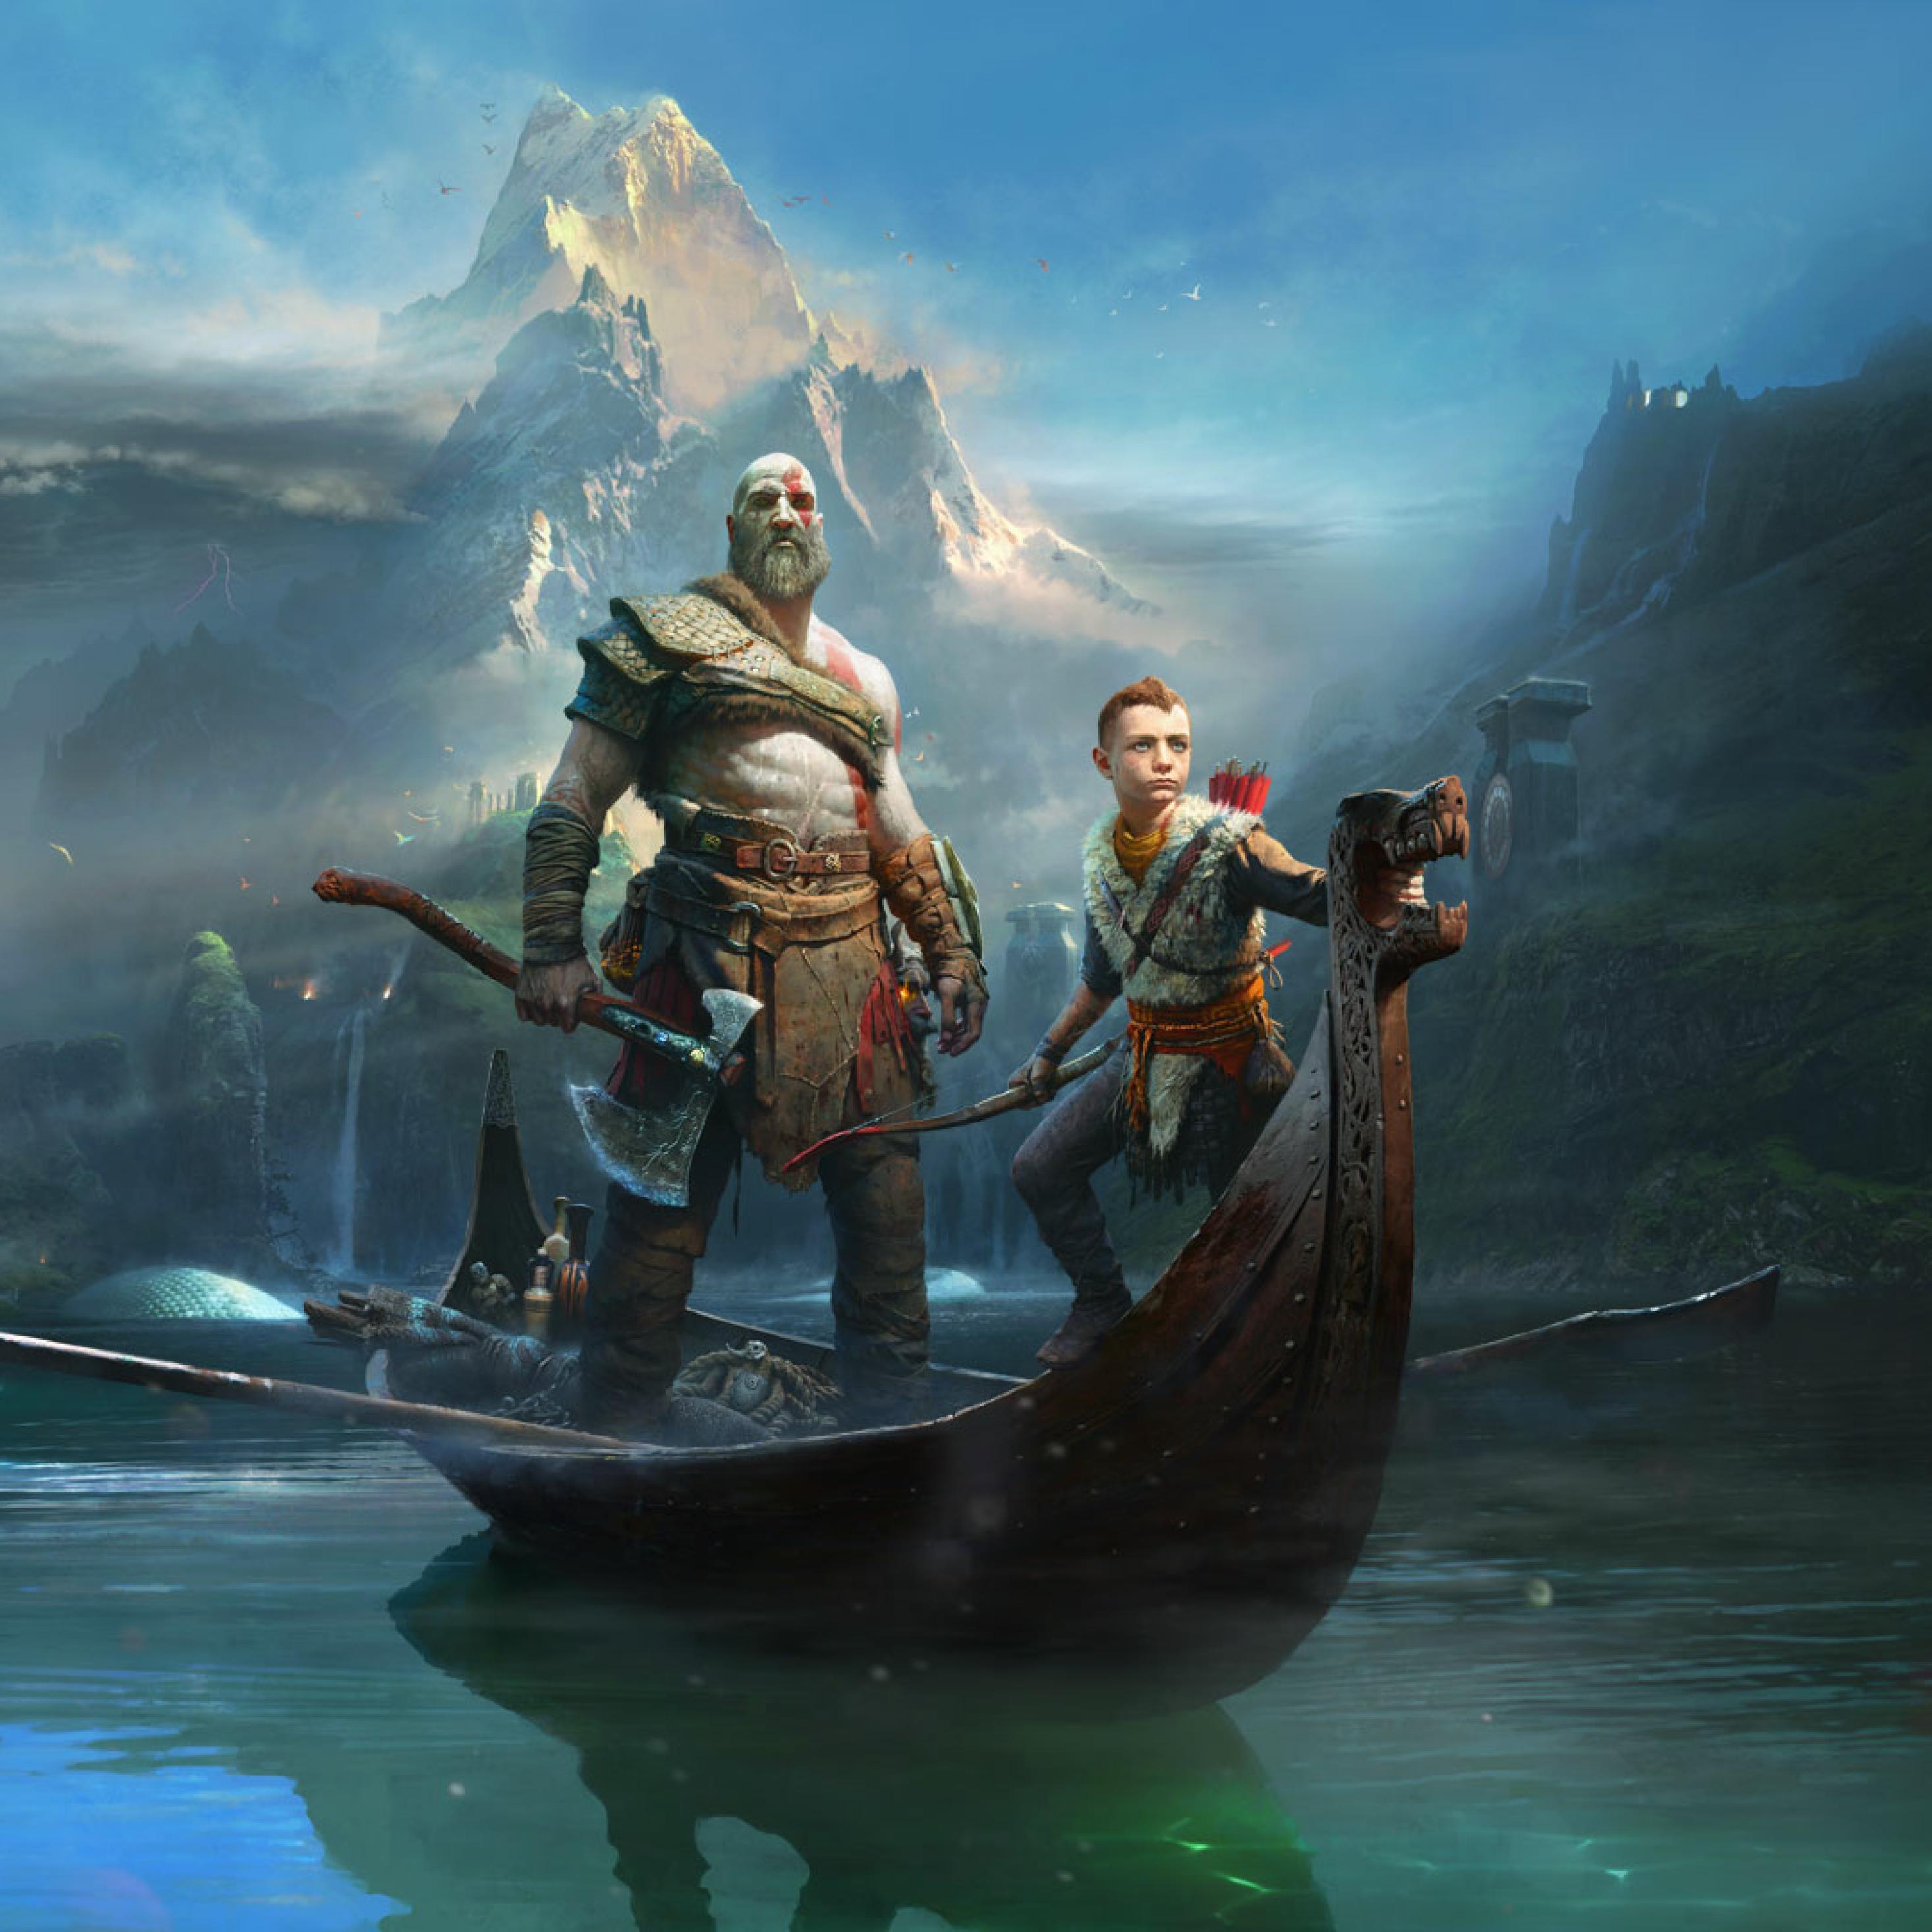 2932x2932 Kratos Atreus God Of War 2018 Ipad Pro Retina Display